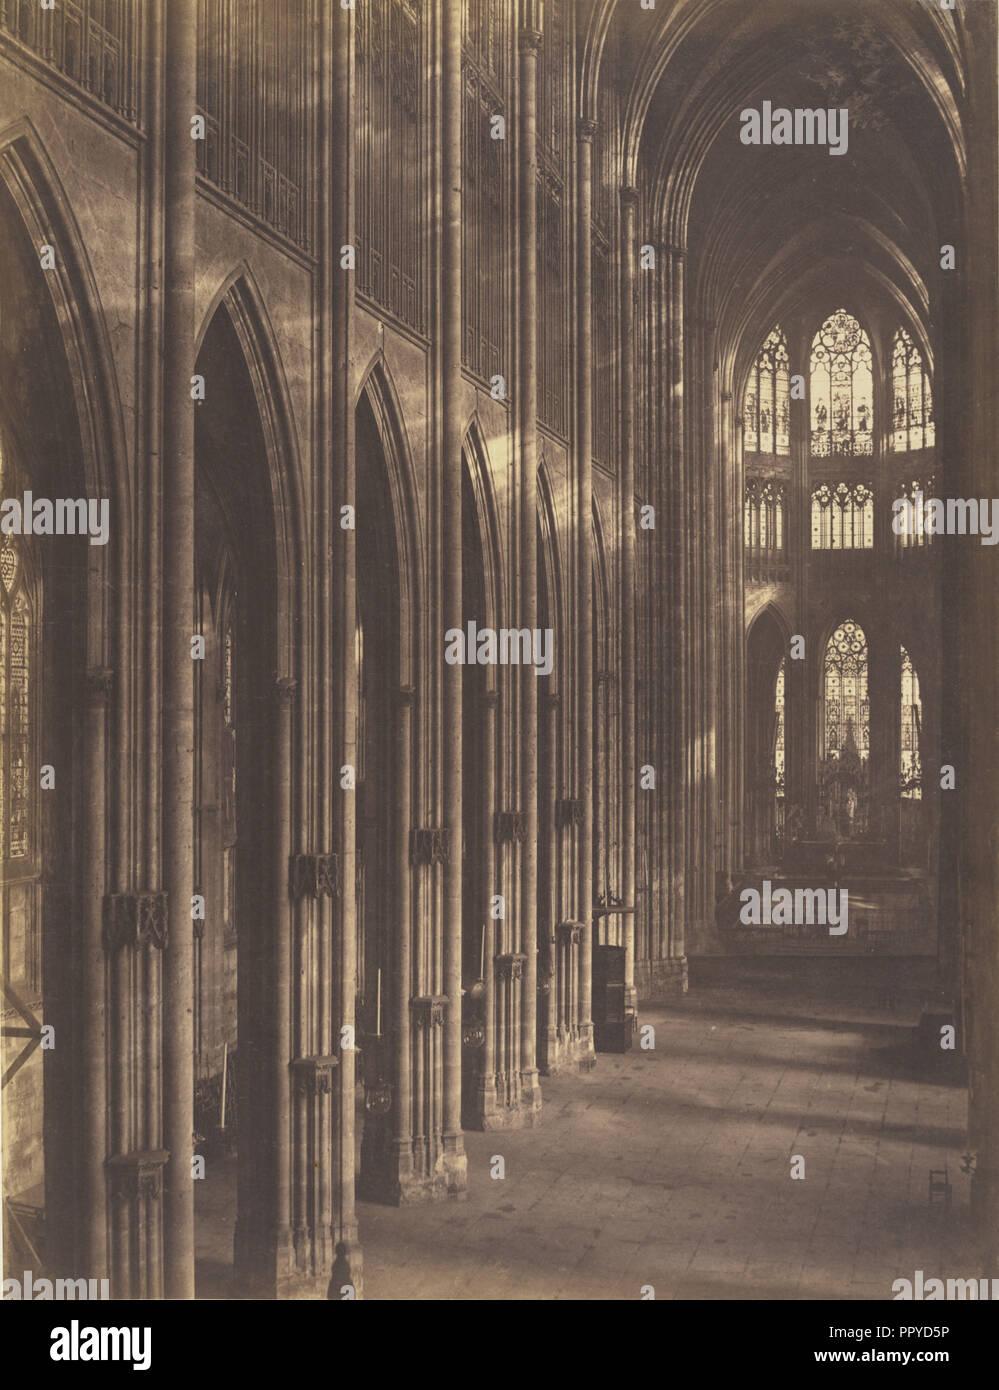 Rouen, Intérieur de l'église Saint-Ouen; Bisson Frères, Französisch, aktiv 1840 - 1864, Rouen, Frankreich; 1857; gesalzen Papier drucken Stockbild